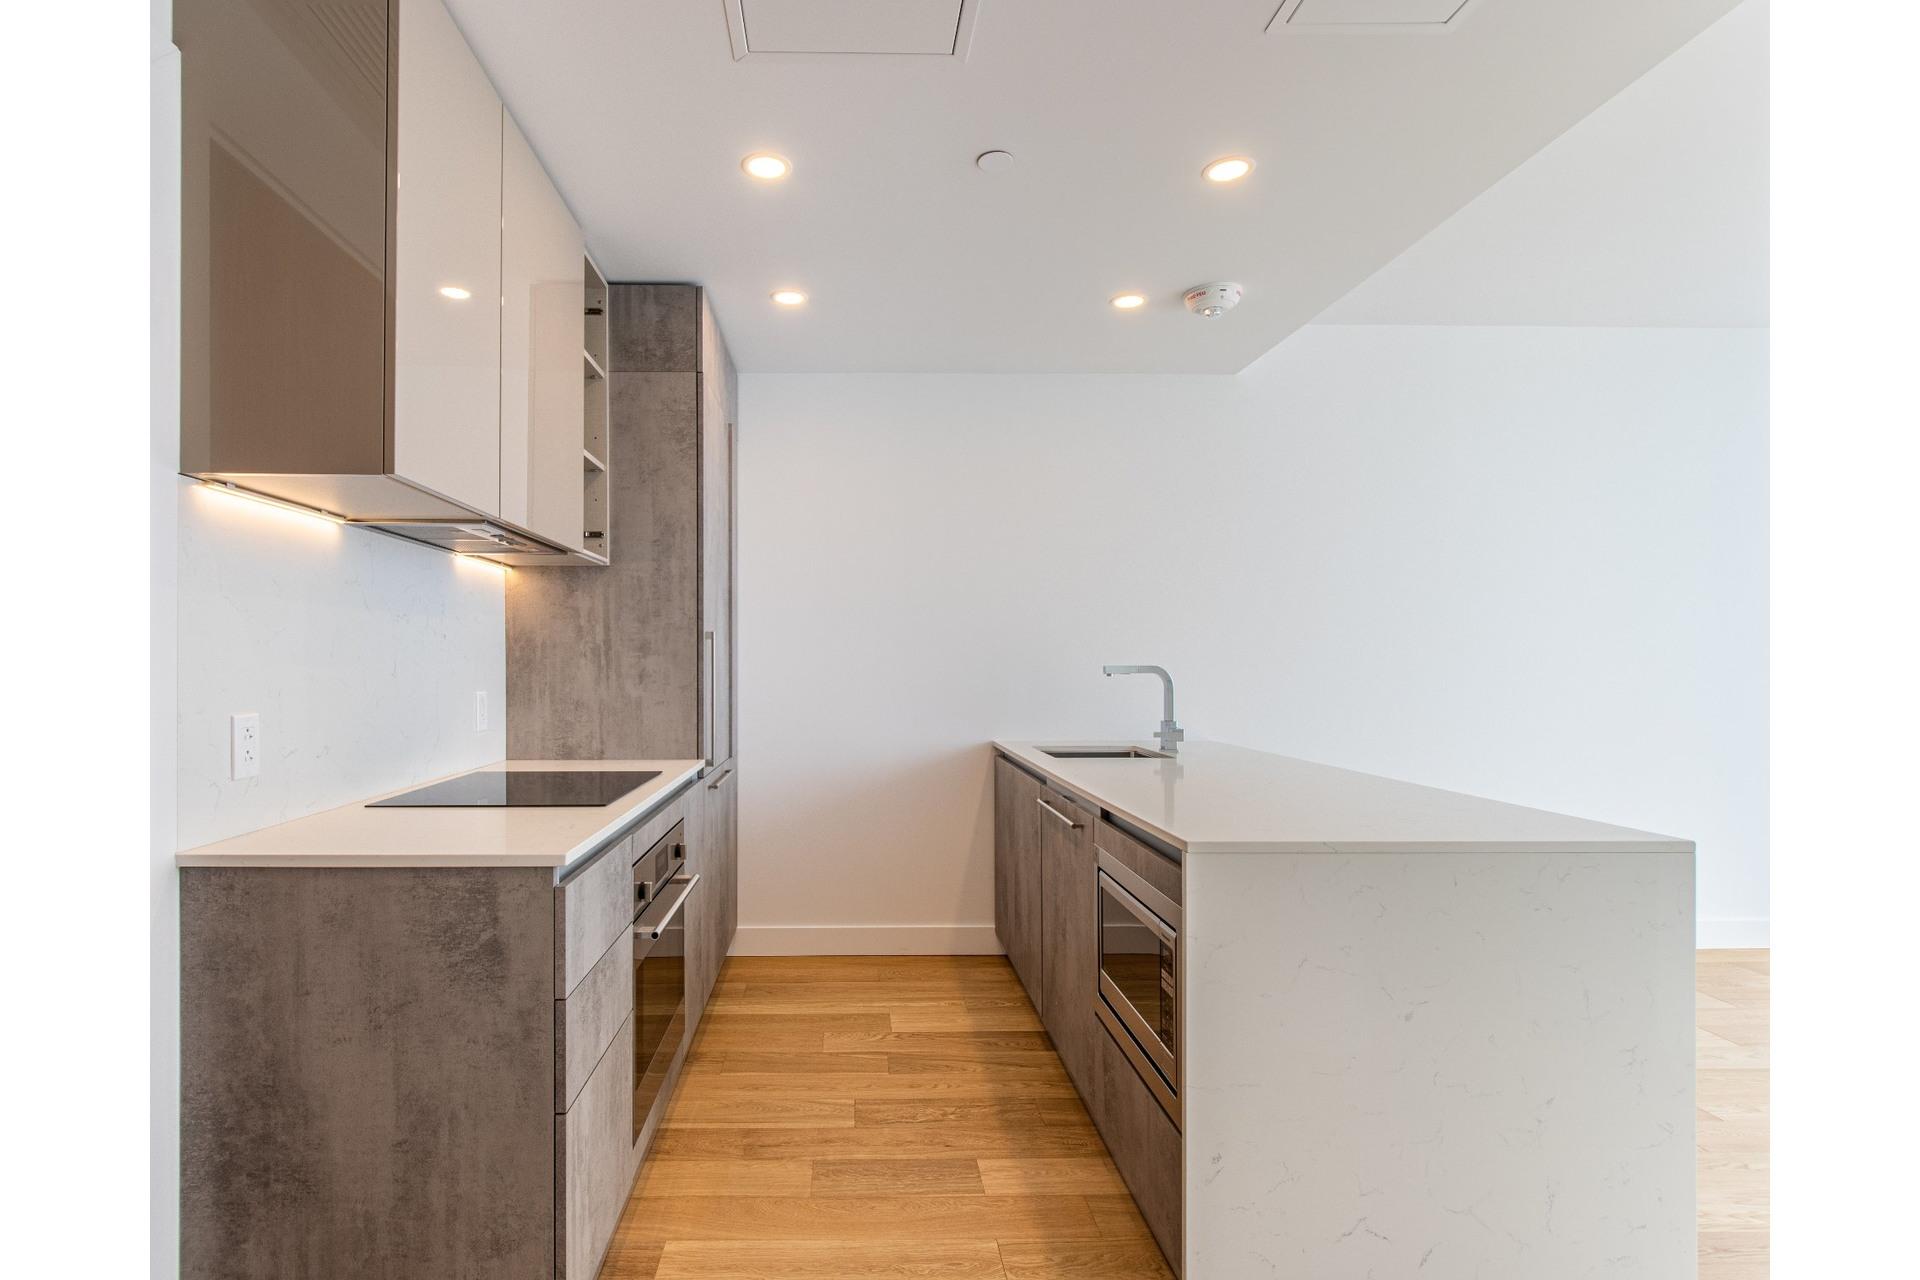 image 2 - Appartement À vendre Ville-Marie Montréal  - 3 pièces